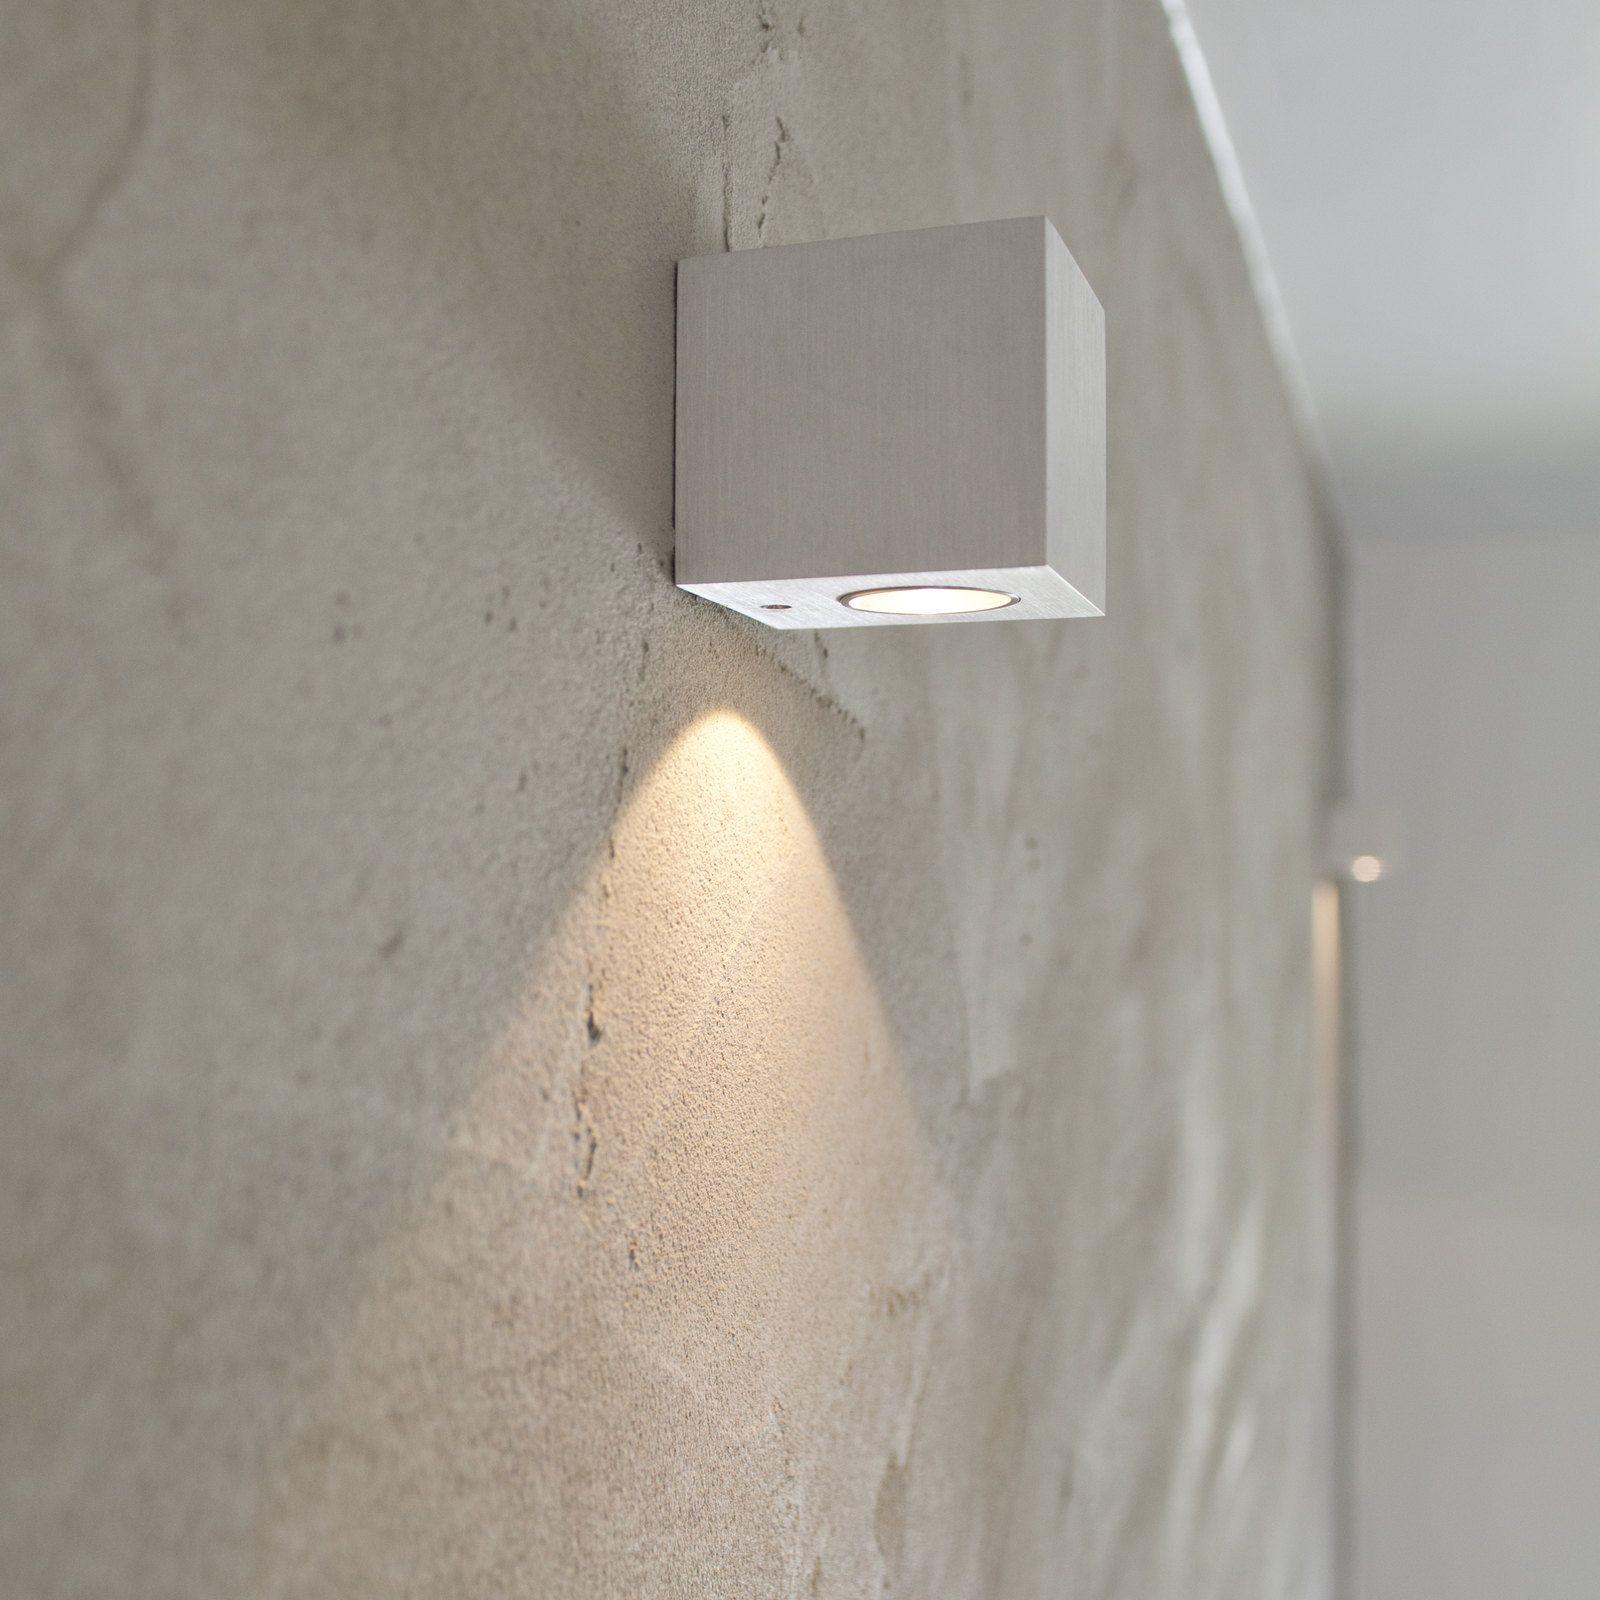 Portaikko, LED-seinävalaisin Wall Cubic 3W 3000K 200lm 65x70x65 mm yksisuuntainen harjattu alumiini - Taloon.com